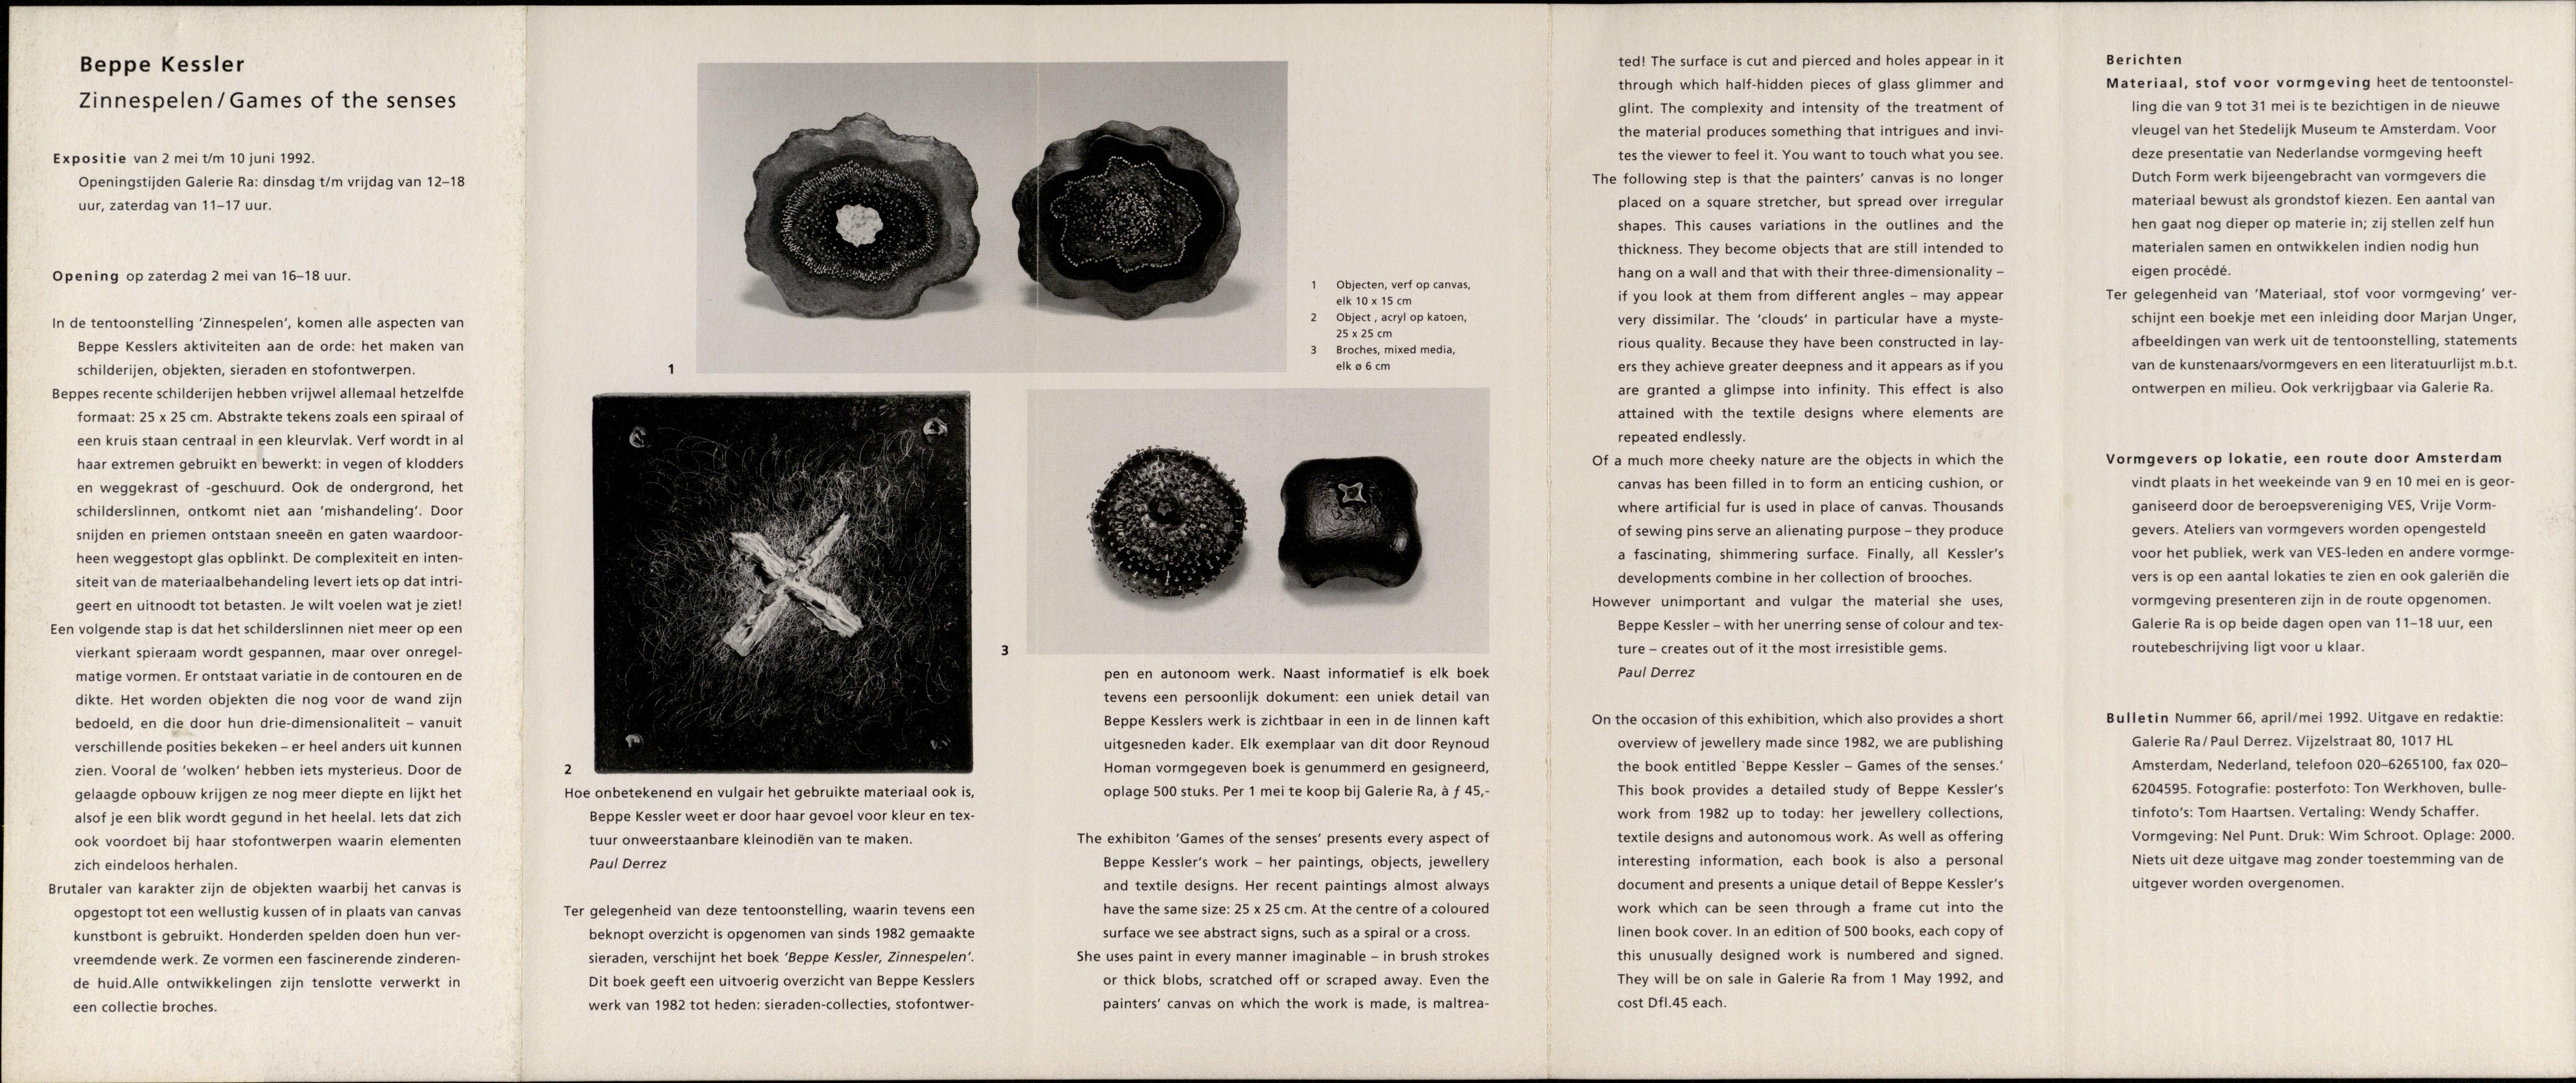 Ra Bulletin 66, april/mei 1992, achterzijde met tekst en foto's van Tom Haartsen, drukwerk, papier, Beppe Kessler, objecten, broches, canvas, acryl, katoen, metaal